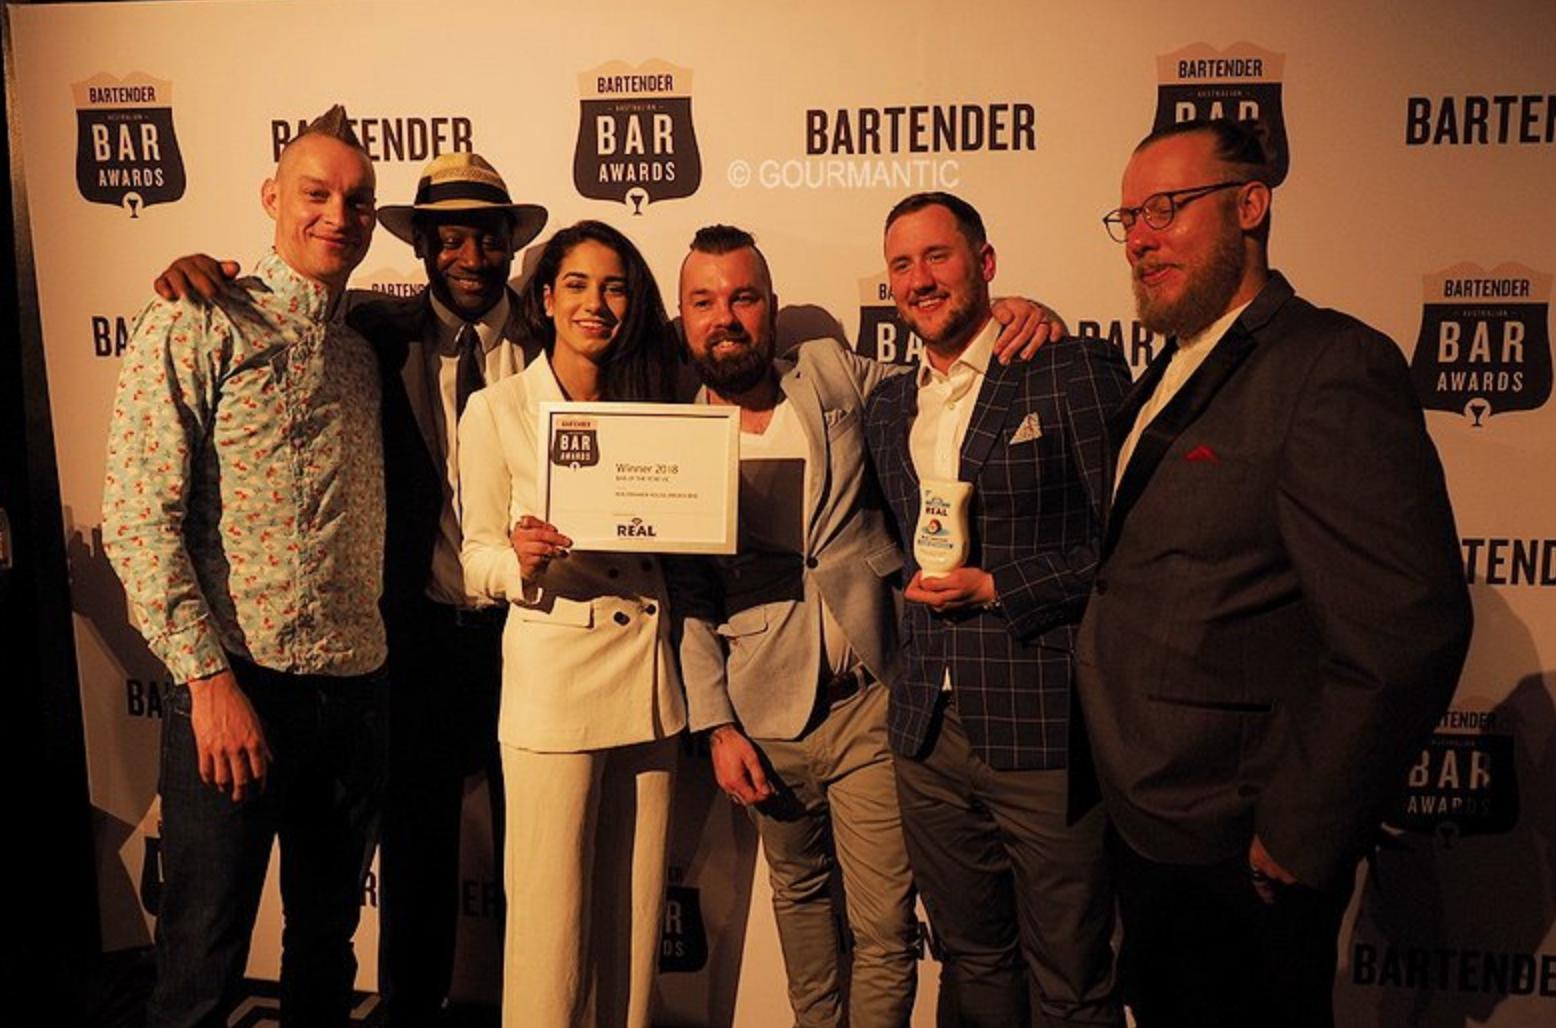 - 2018 Australian Bar Awards